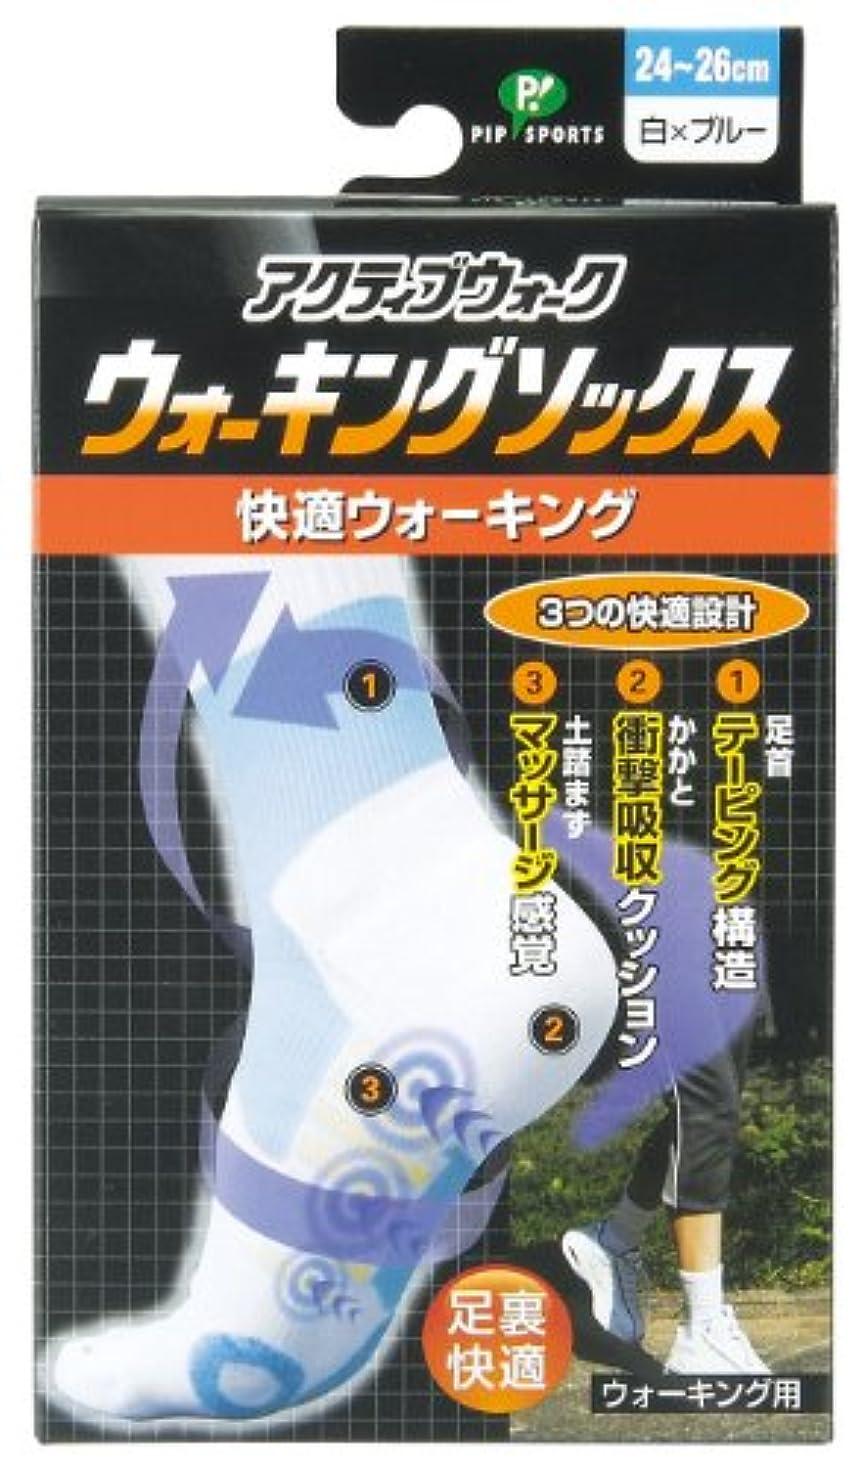 アクティブウォーク ウォーキングソックス 24-26cm 白×ブルー